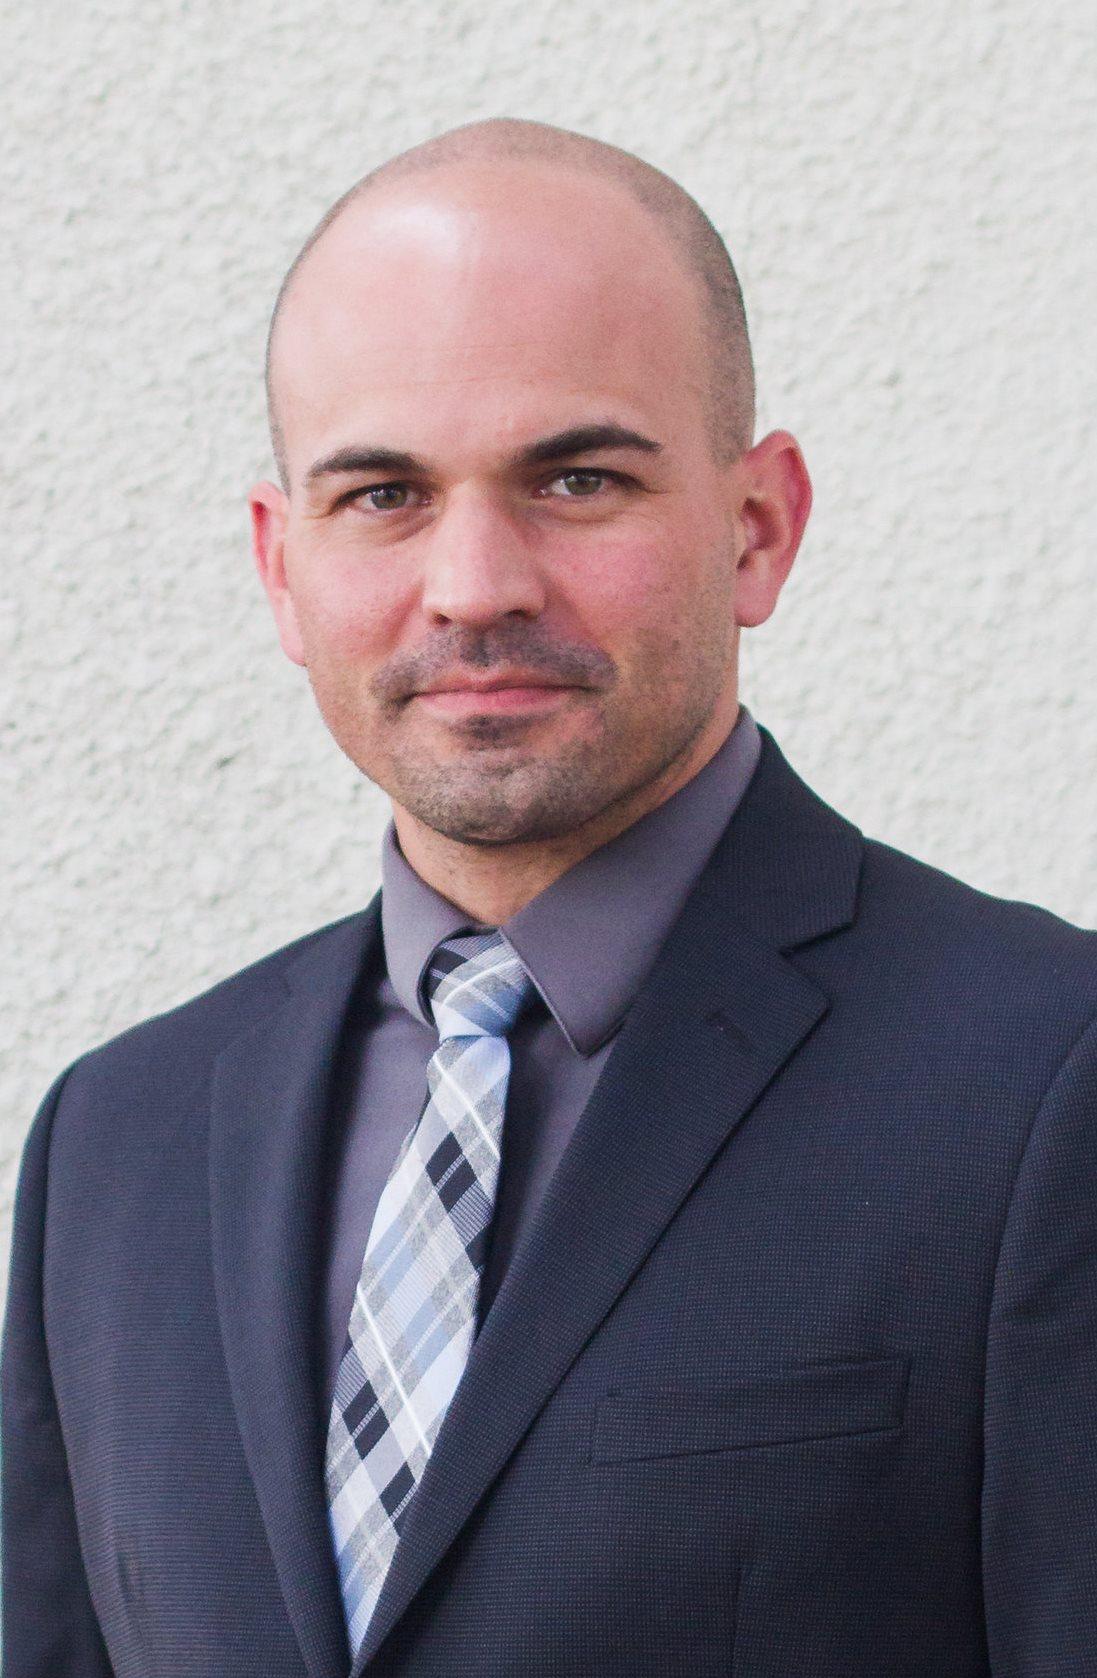 Joshua Gilmet